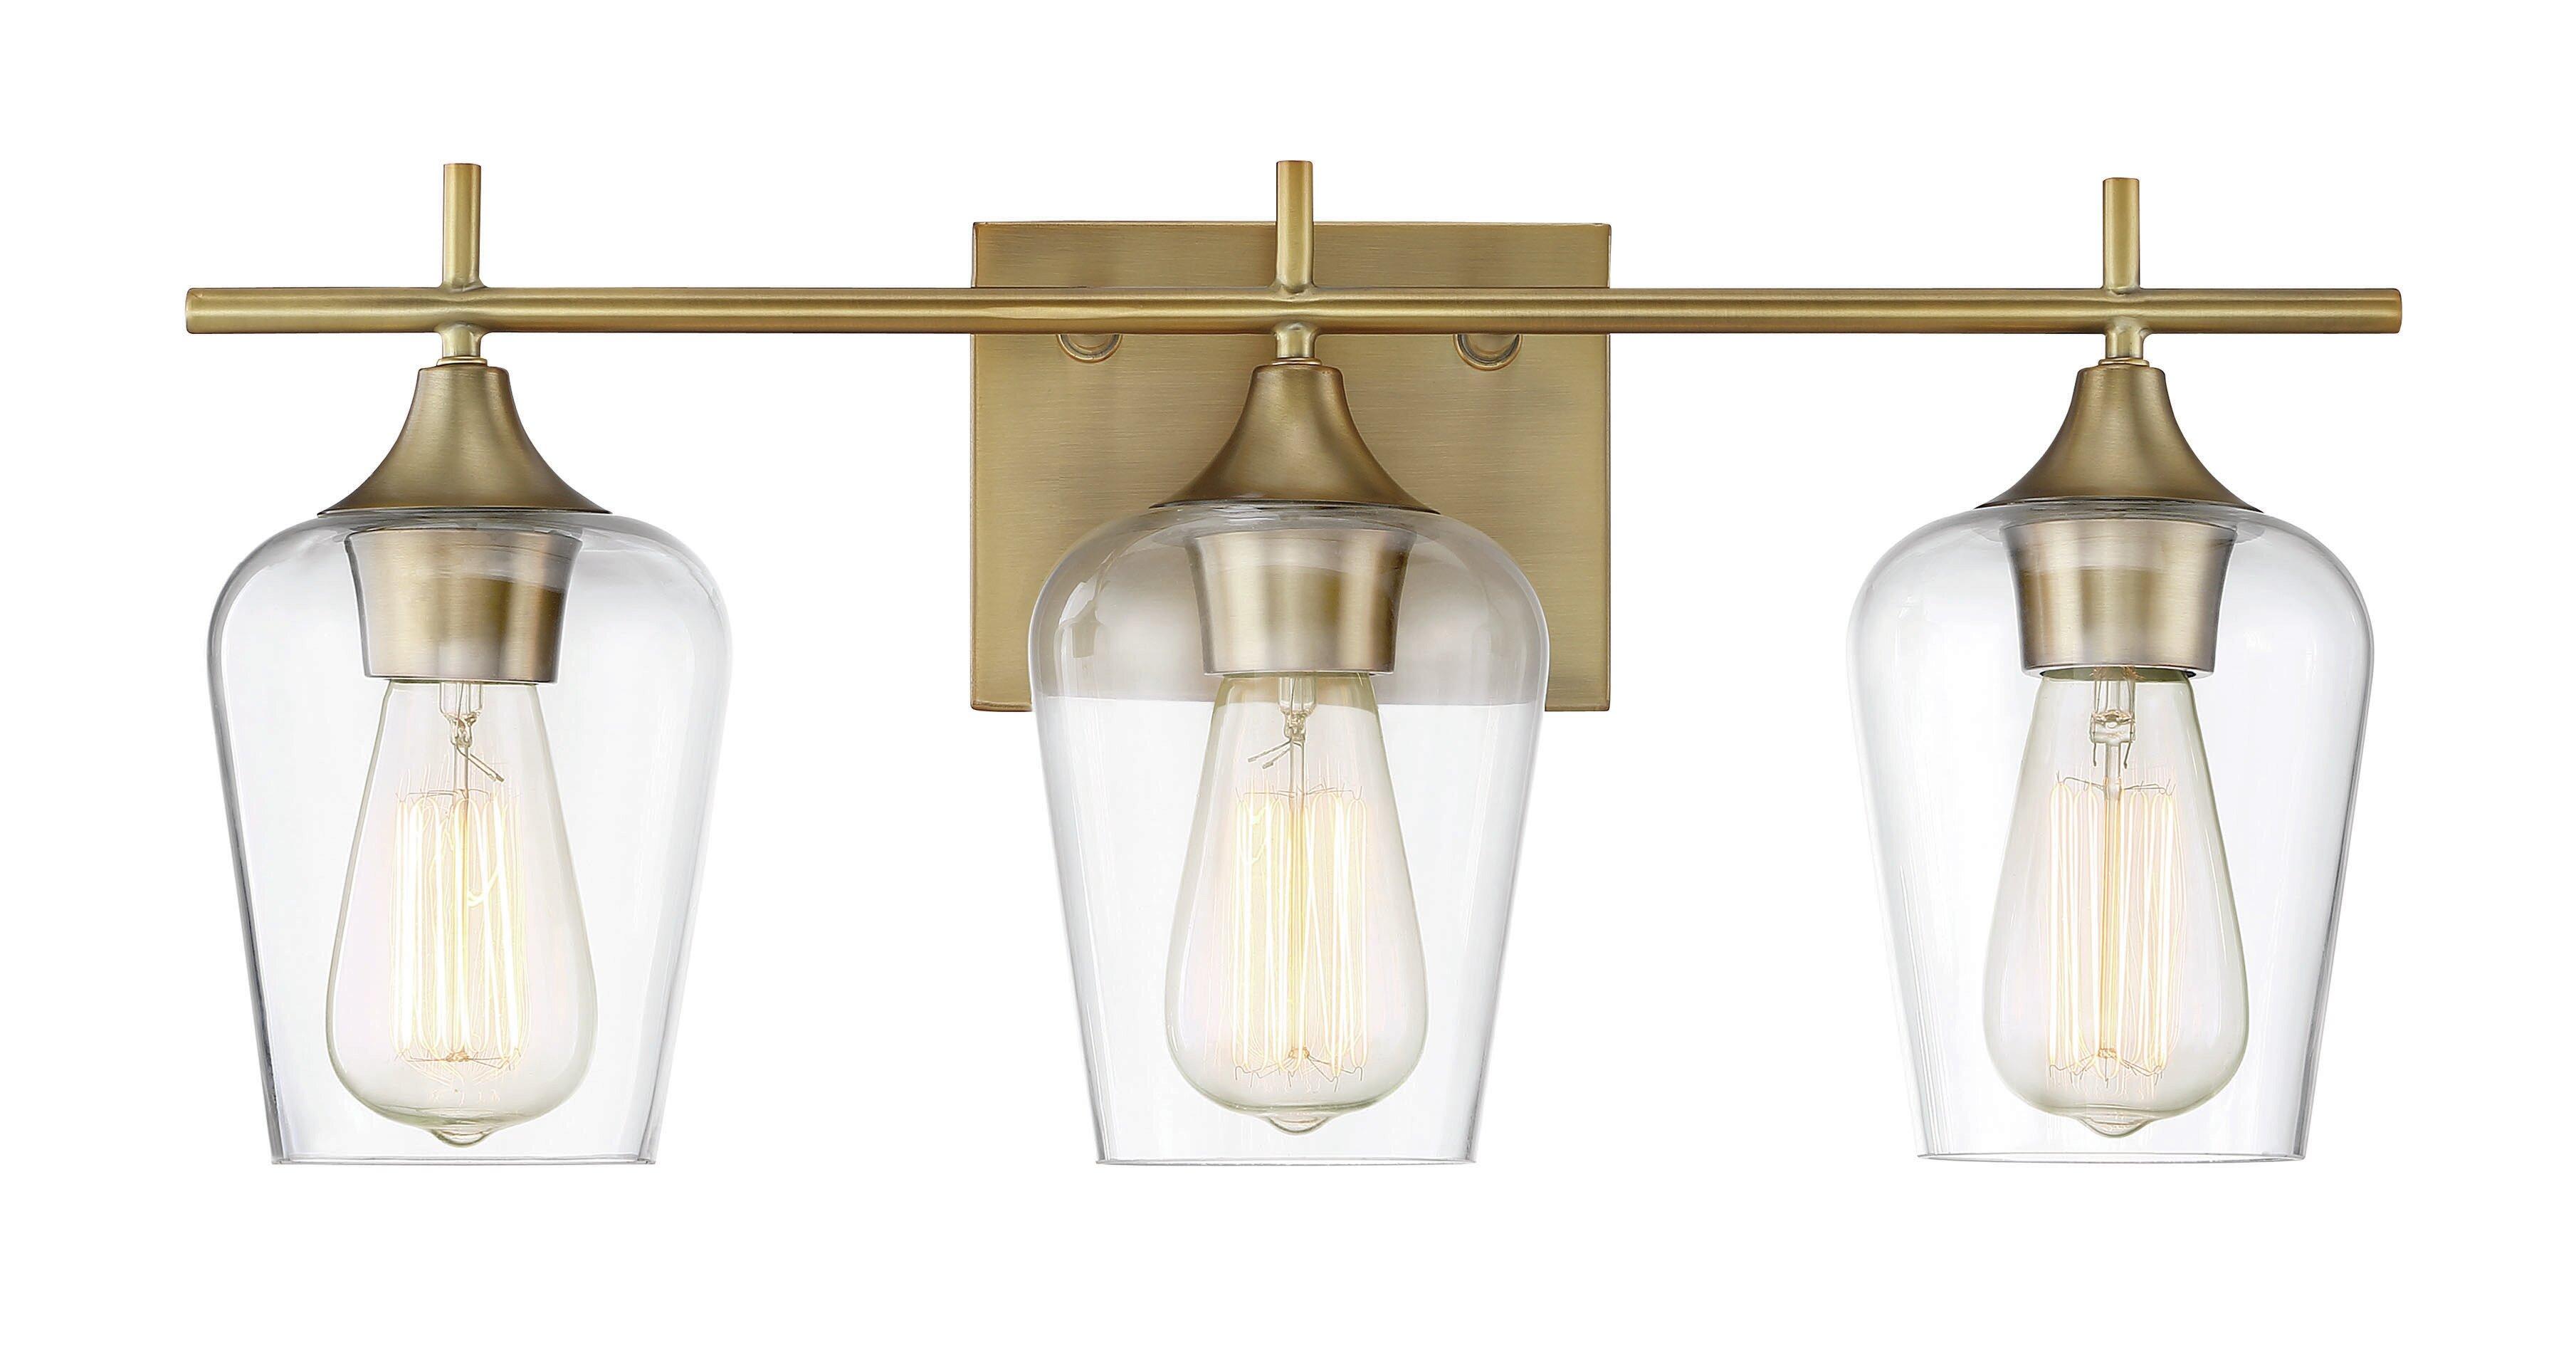 Zipcode Design Staci Light Vanity Light Reviews Wayfair - Bathroom vanity lights facing up or down